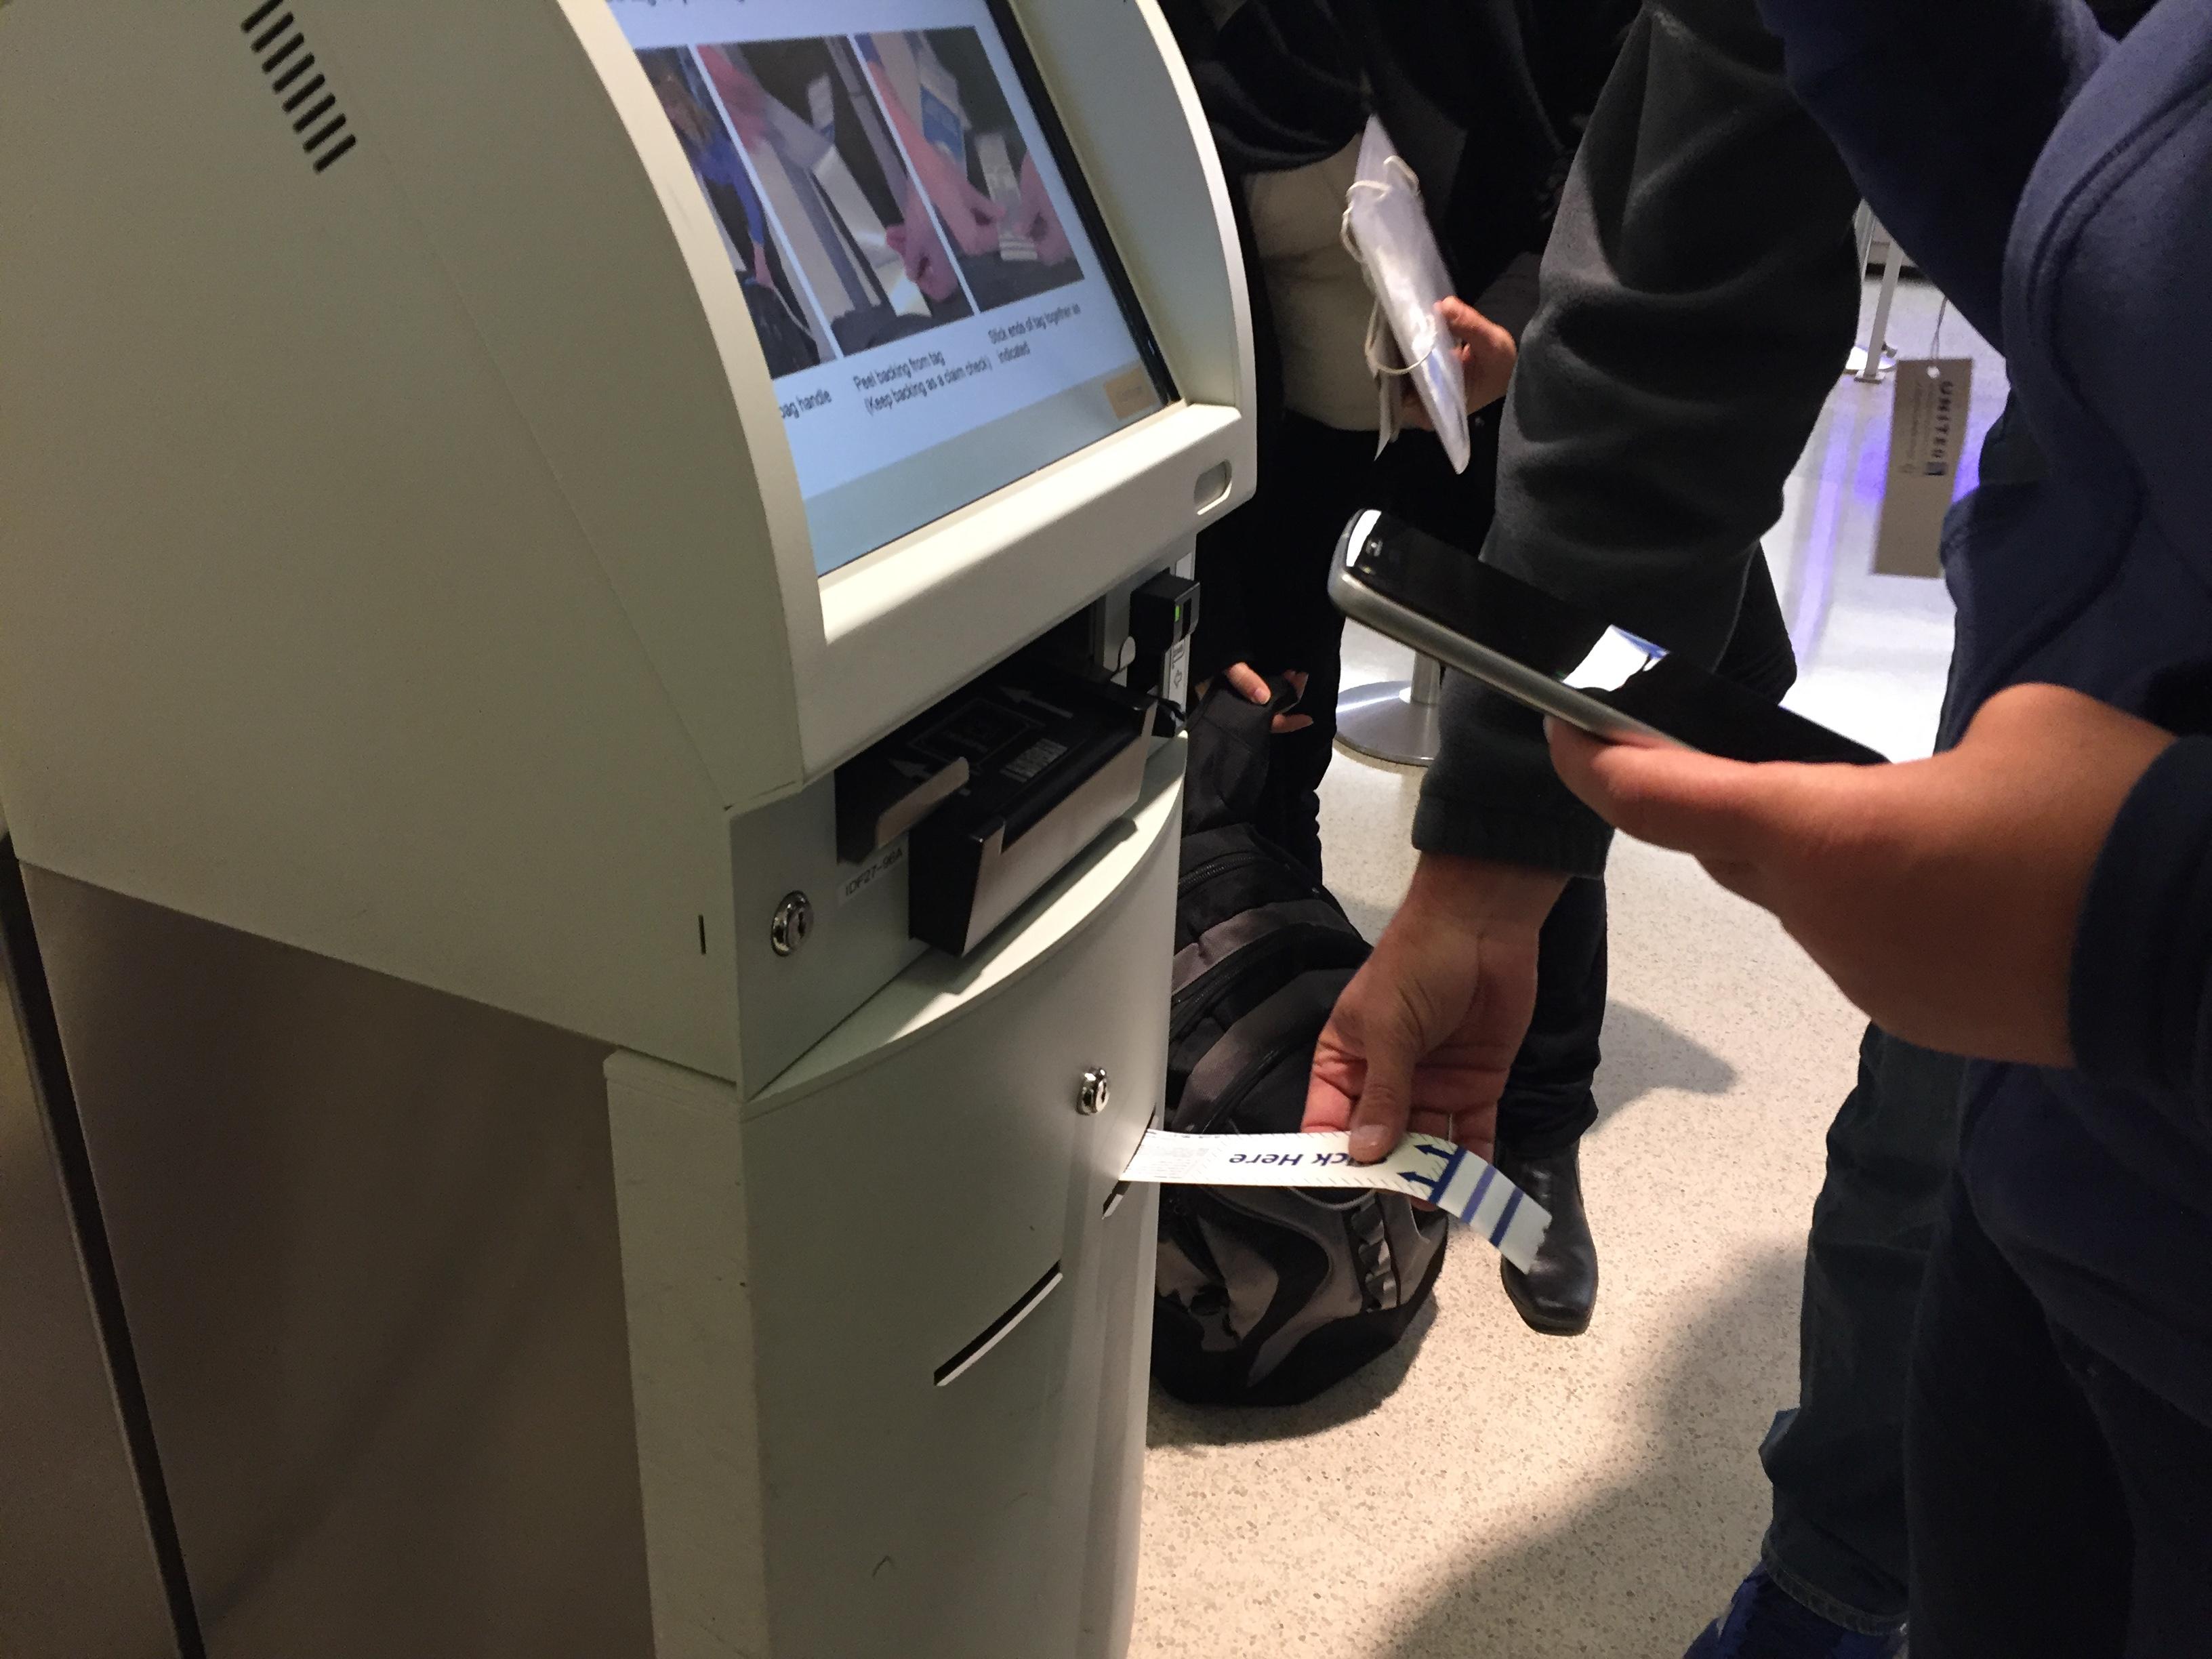 IMG 3575 - Haciendo el check in automático de United en Newark